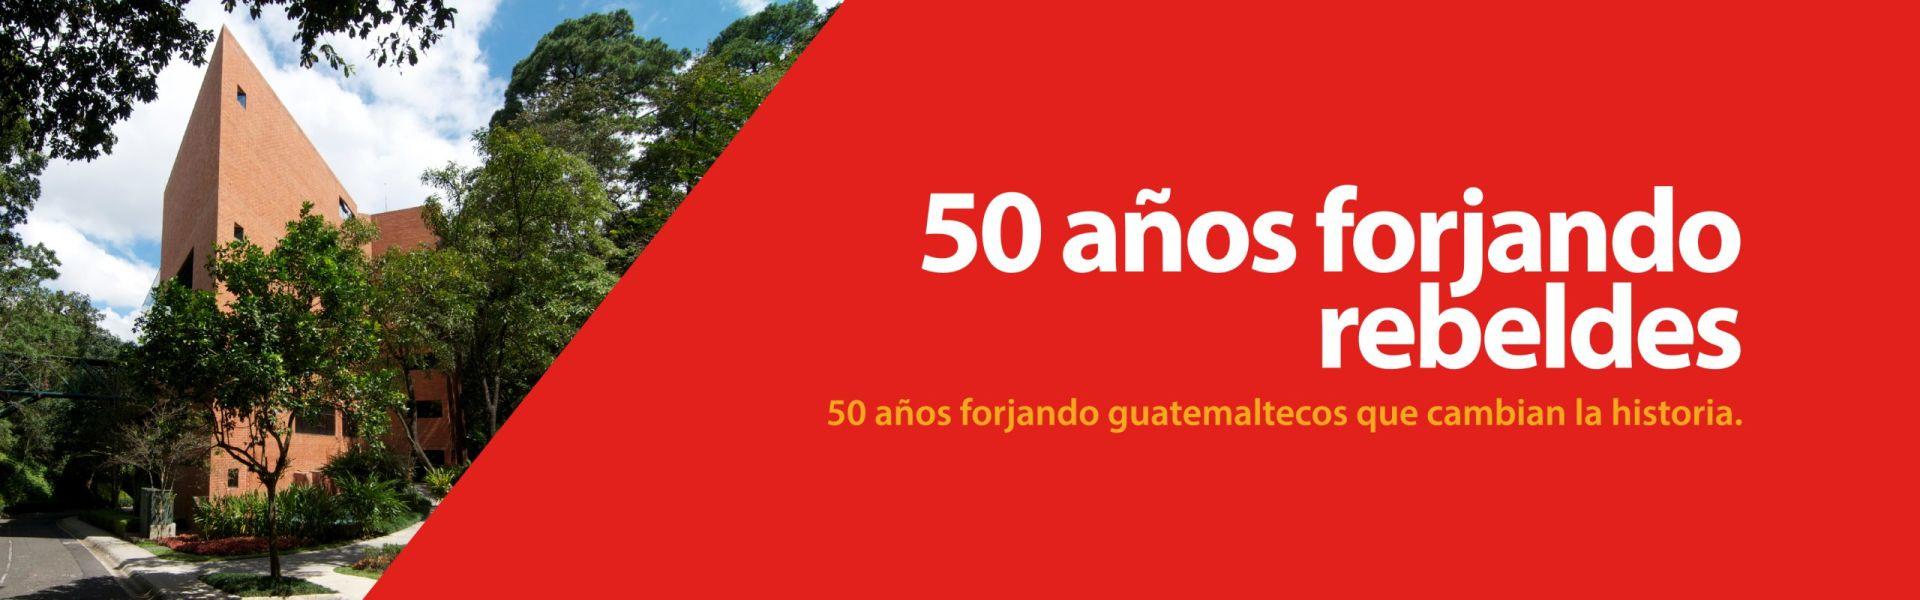 Banner 50 años 2